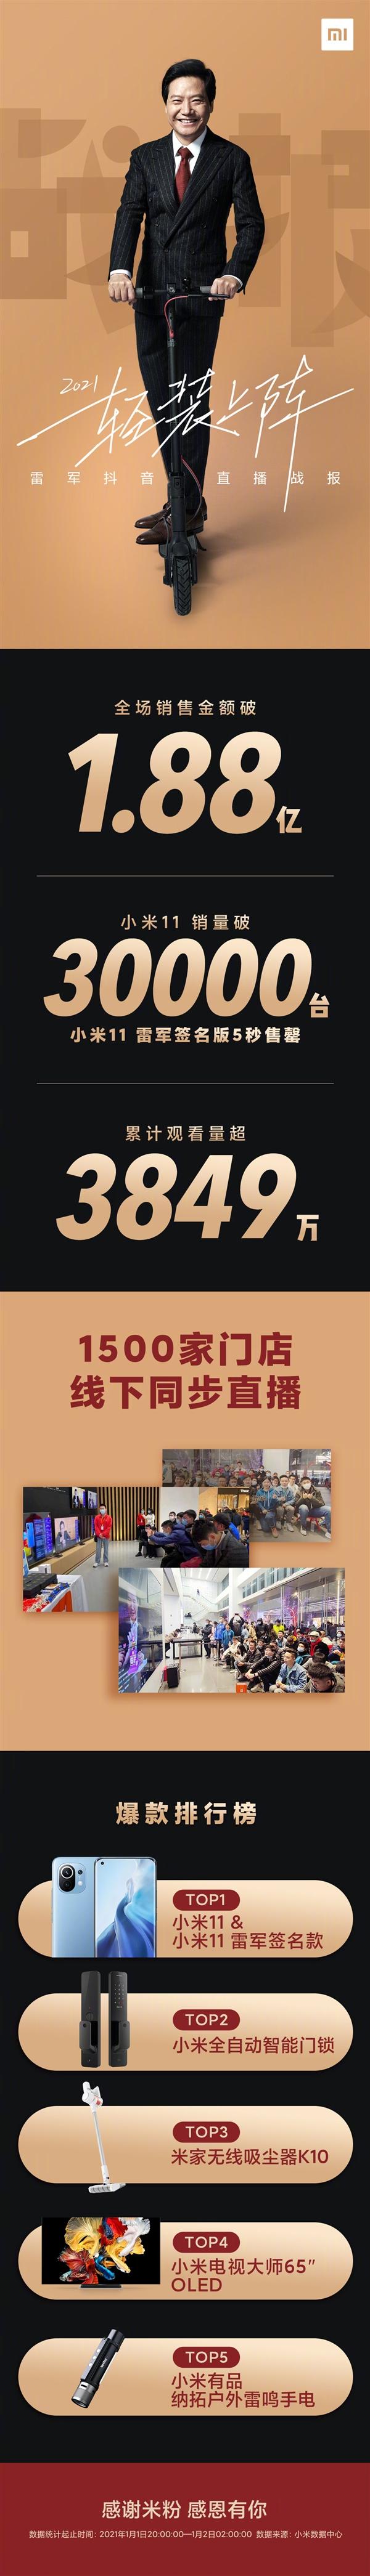 电银付大盟主(dianyinzhifu.com):雷军新年首场直播战报:带货金额破1.88亿开门红 第1张